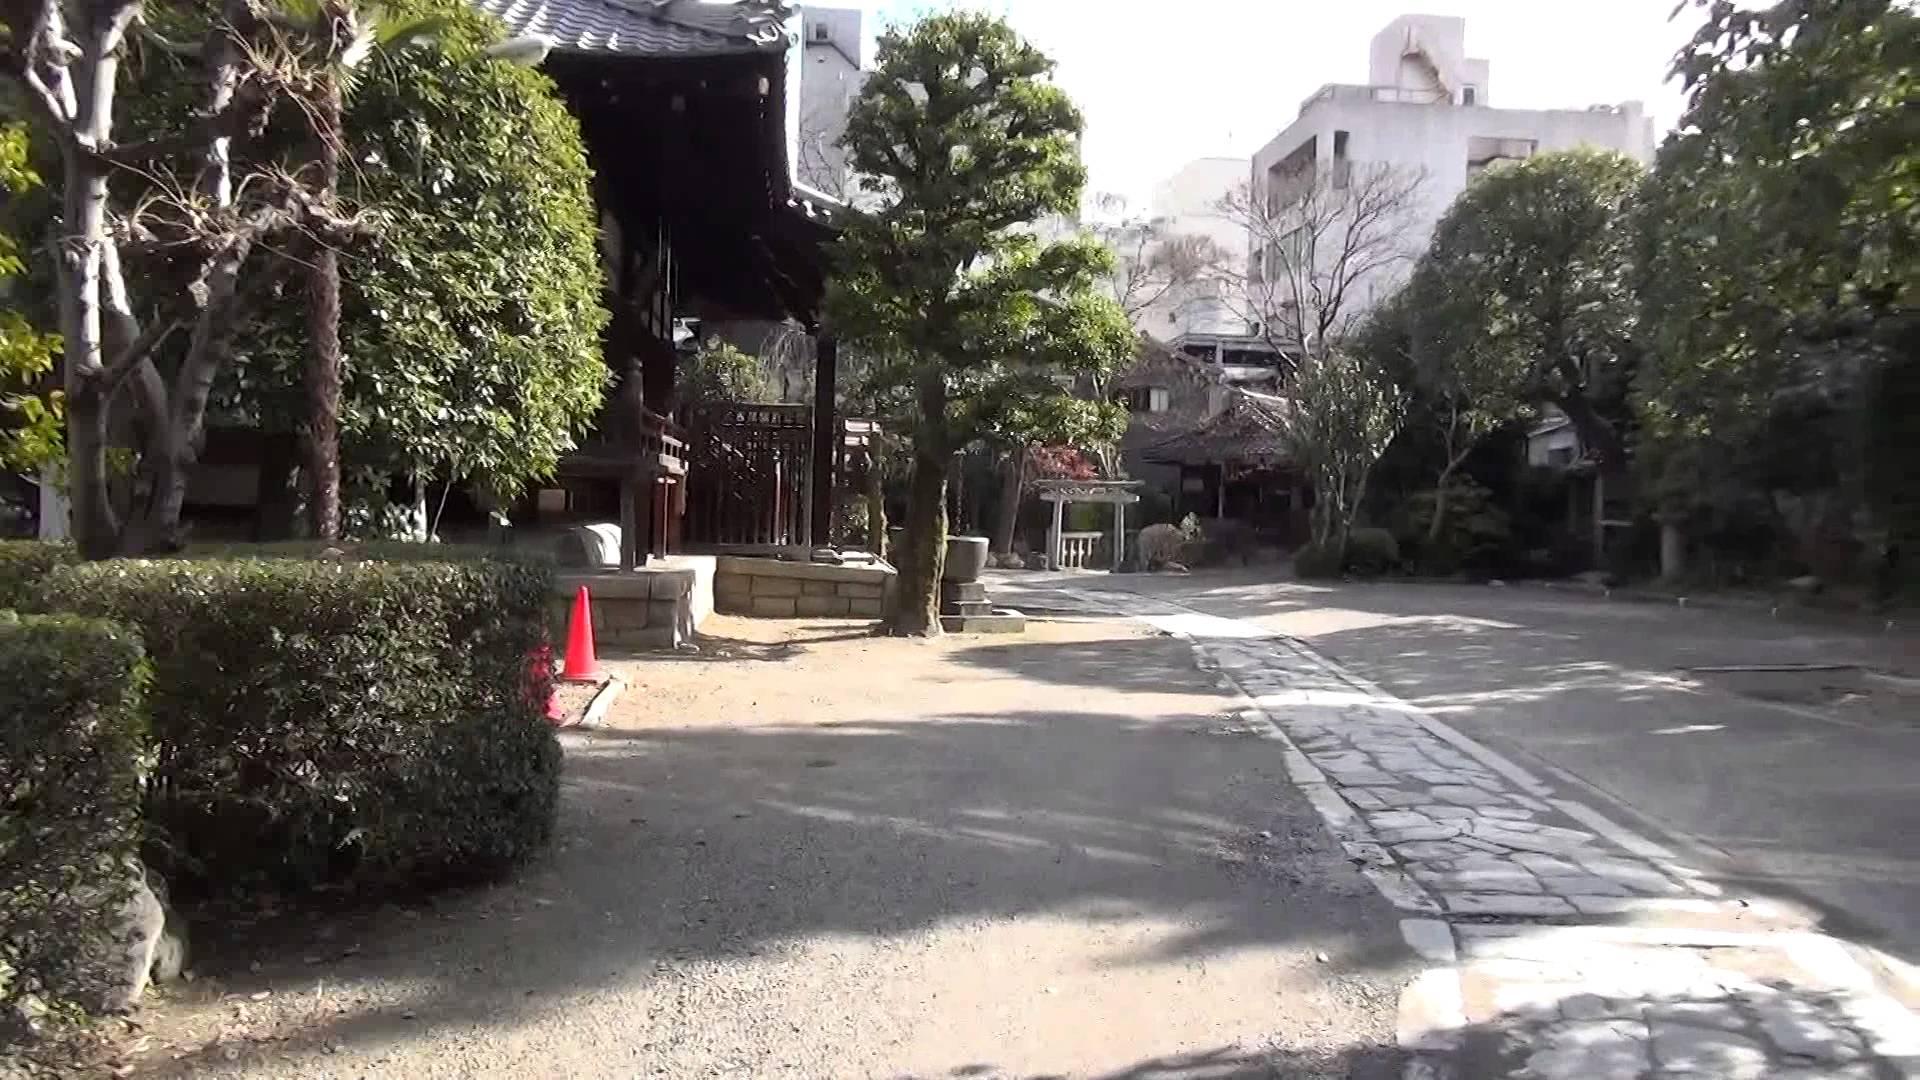 寺町通の神社仏閣を全部まわろう編02 お寺なのに鳥居があった!不思議な「浄土宗 天性寺」